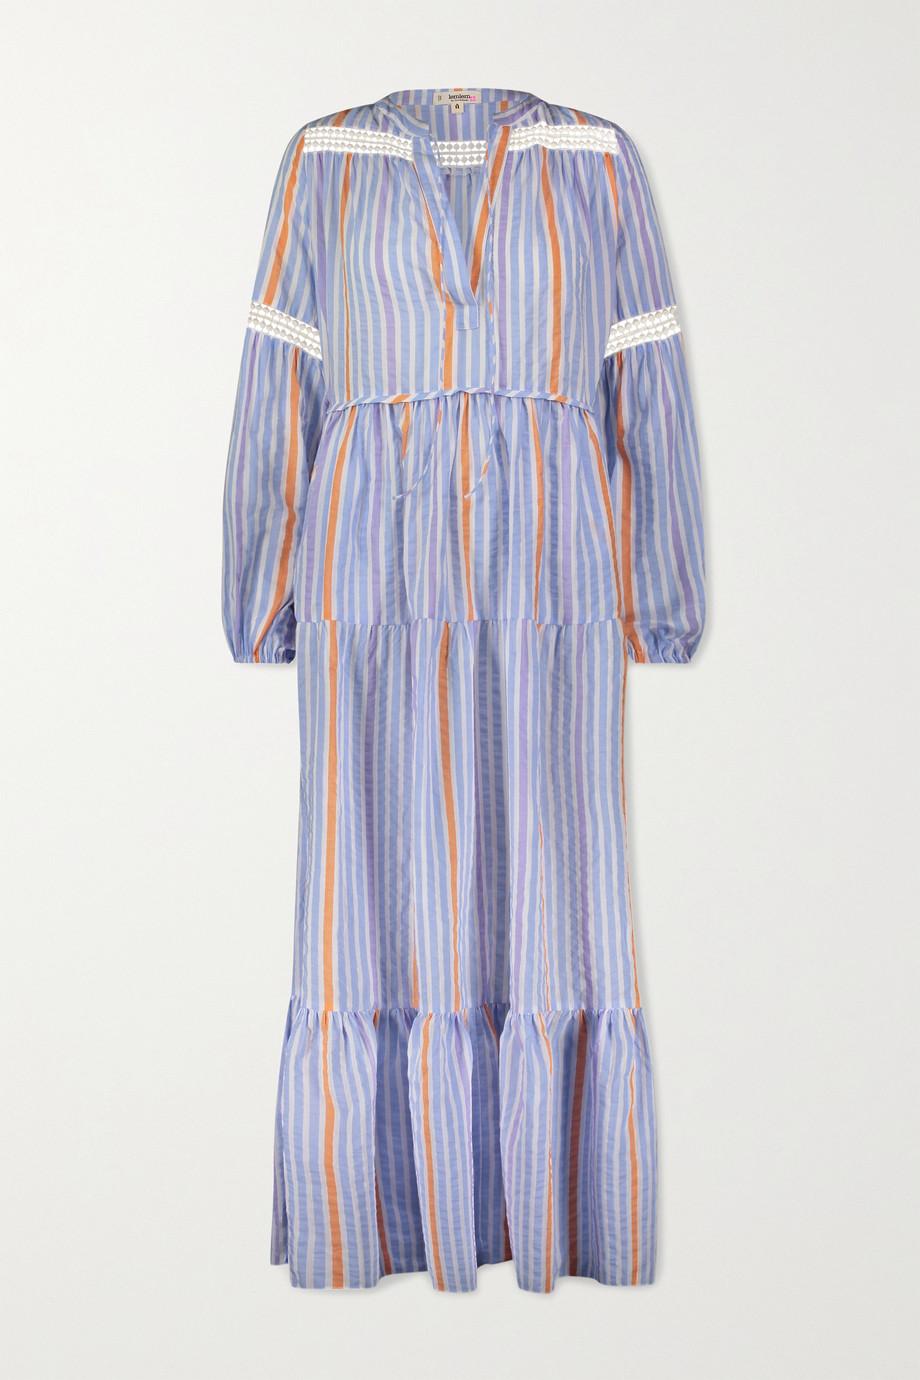 LemLem Bahiri crochet-trimmed striped linen-blend maxi dress